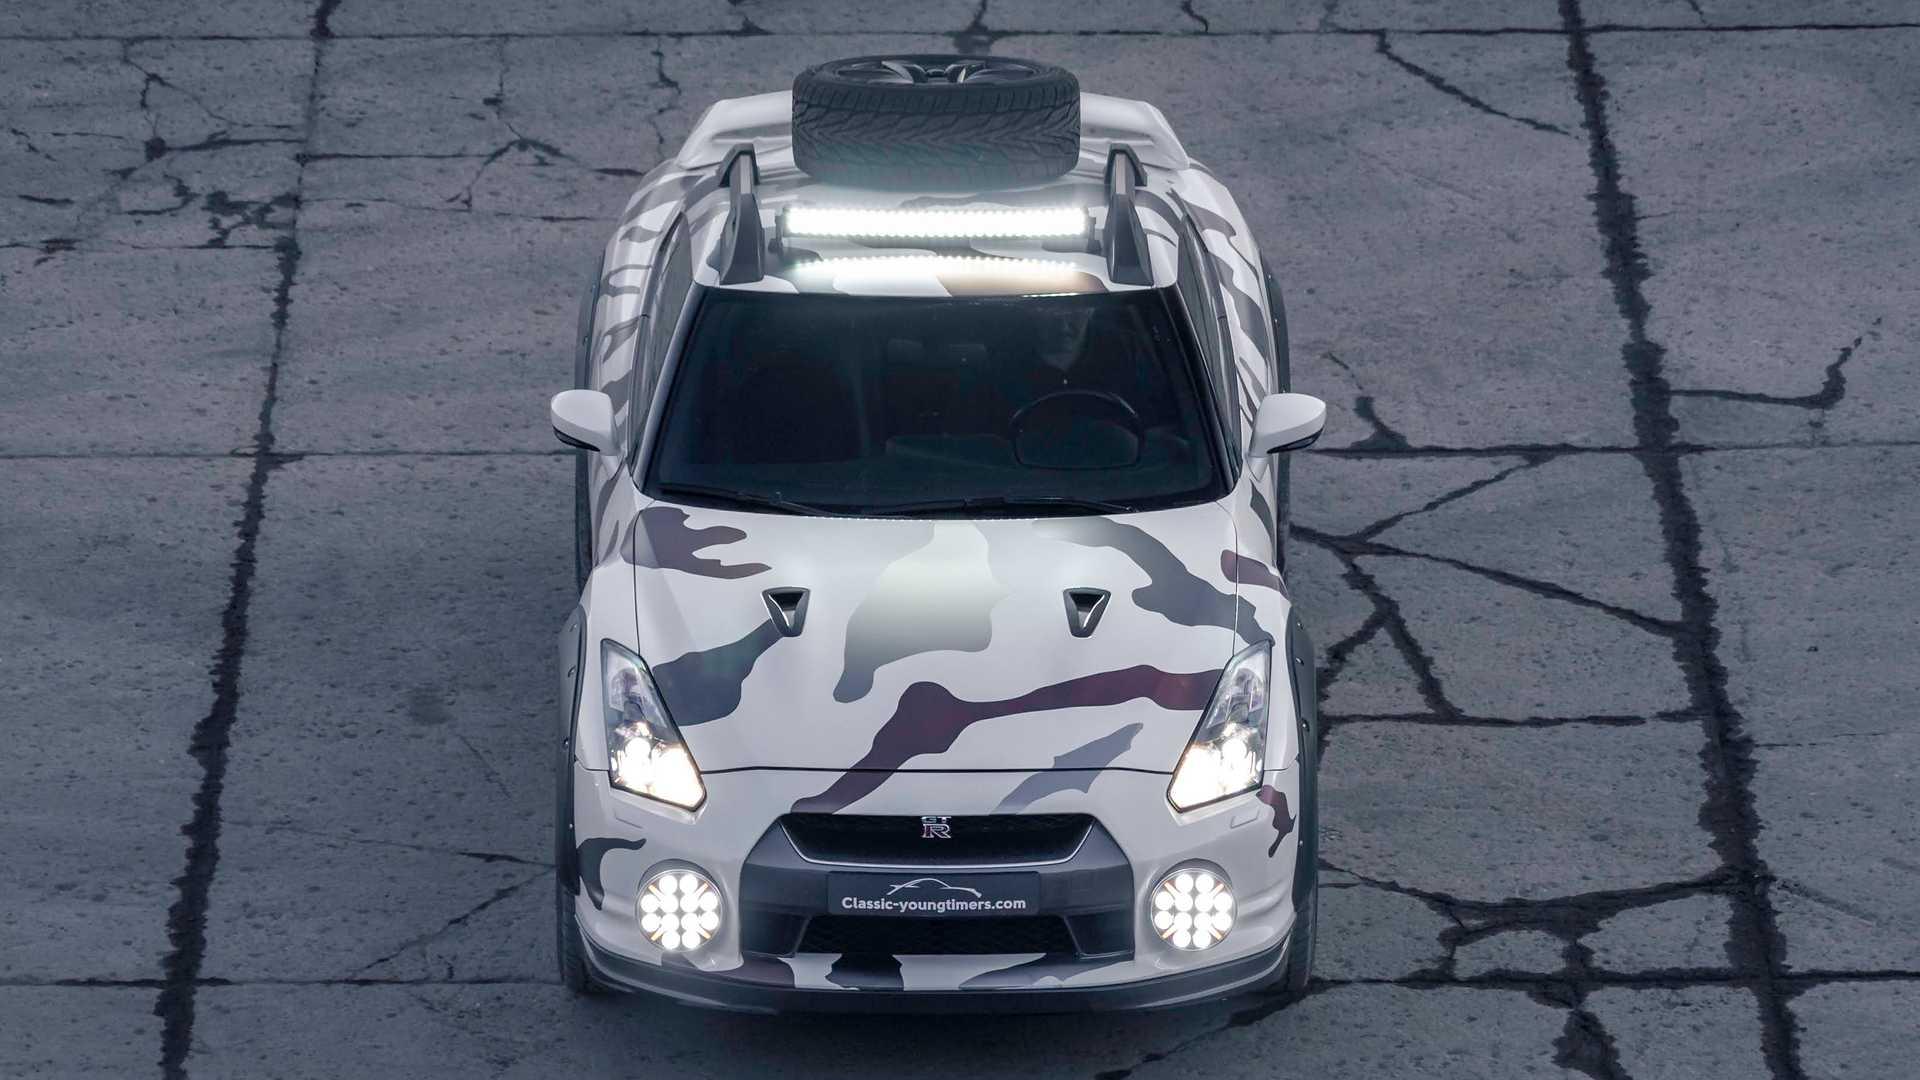 Nissan-GT-R-Offroad-Godzilla-2.0-8